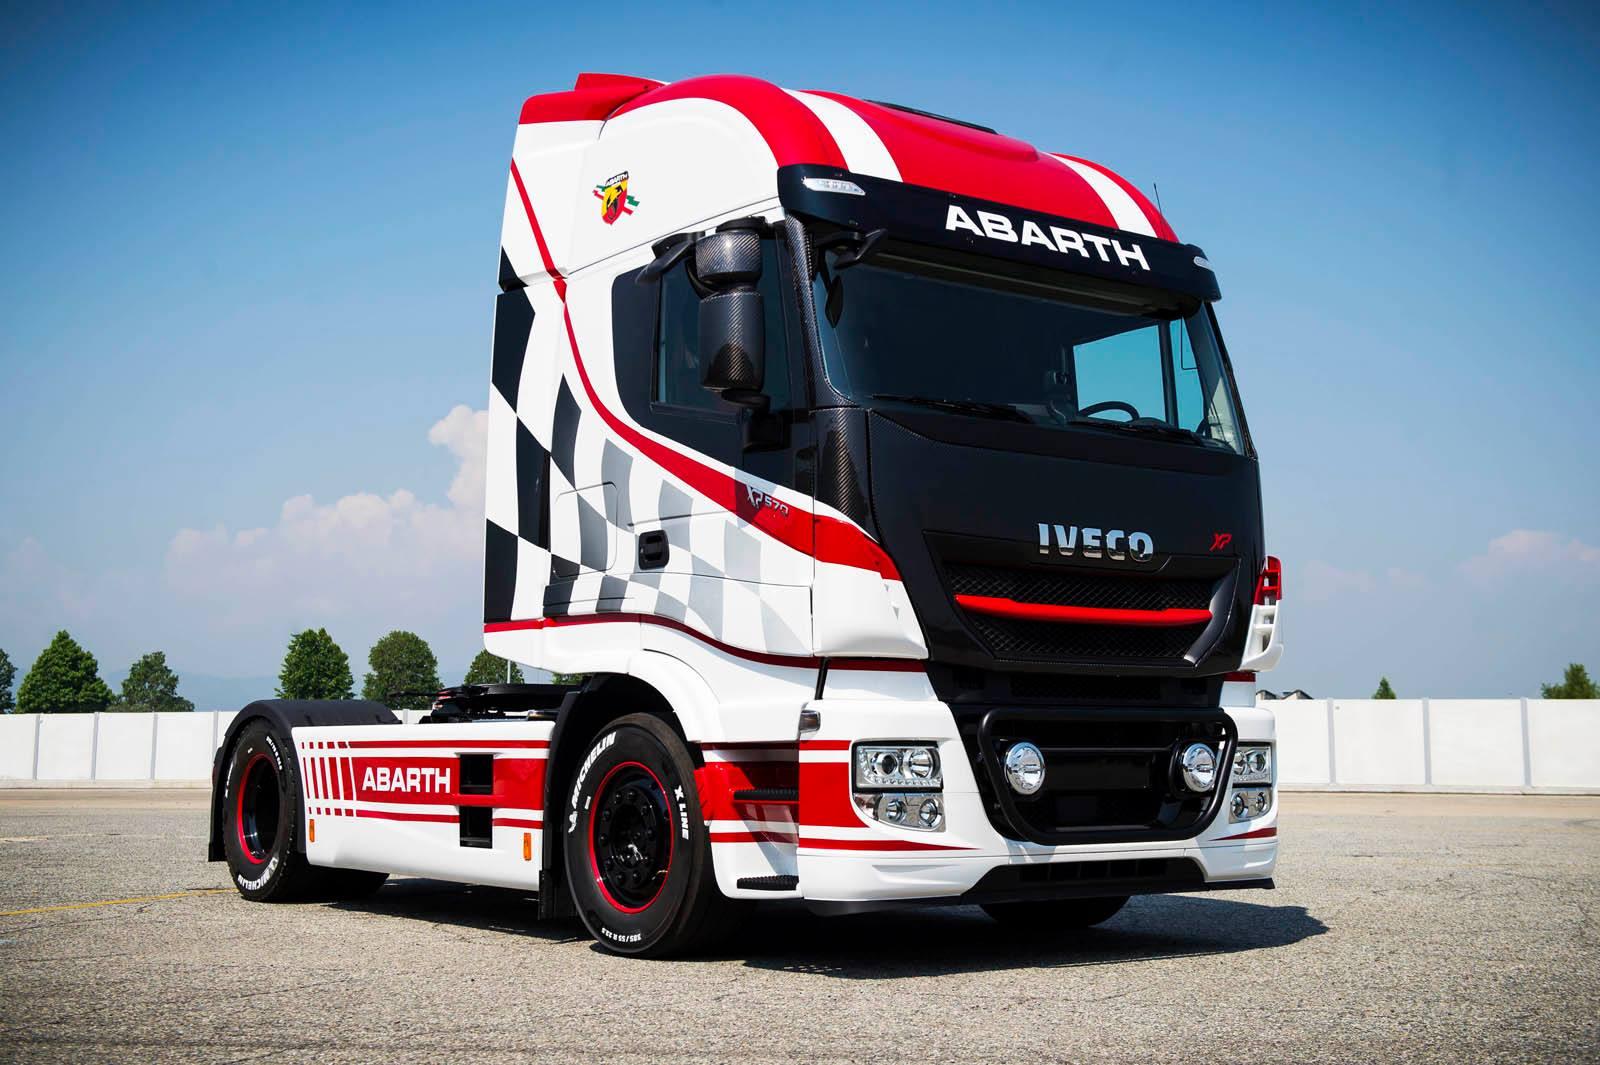 Iveco-voor-Racing-team-Abarth